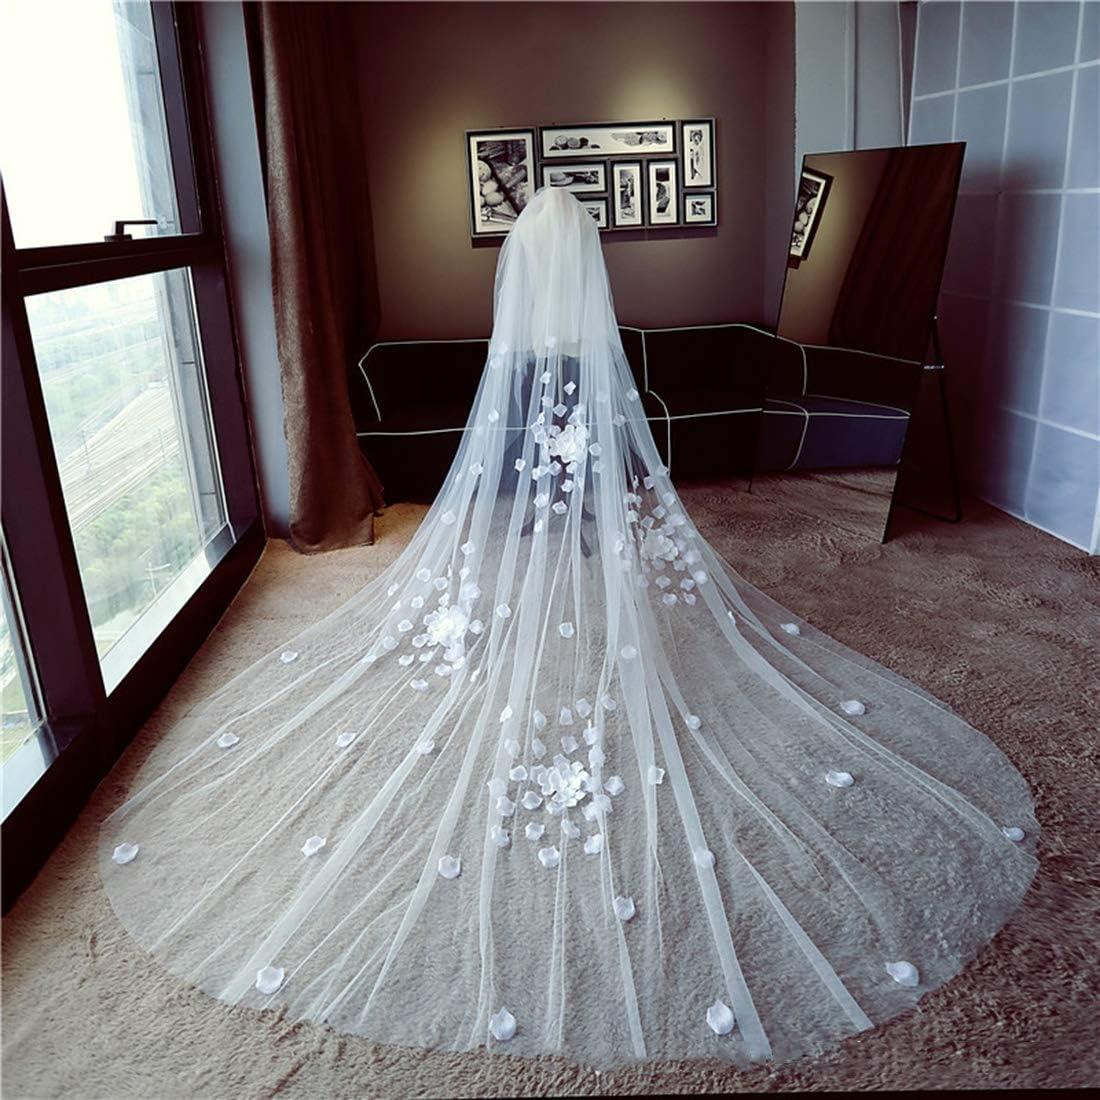 LWKBE Tulle Blanc 2T Voiles de mari/ée 3M 4M 5M Mariage /à la cath/édrale Longues Fleurs en 3D et p/étales de Voile avec Peigne pour c/ér/émonie de Mariage et Occasions sp/éciales,3Meters